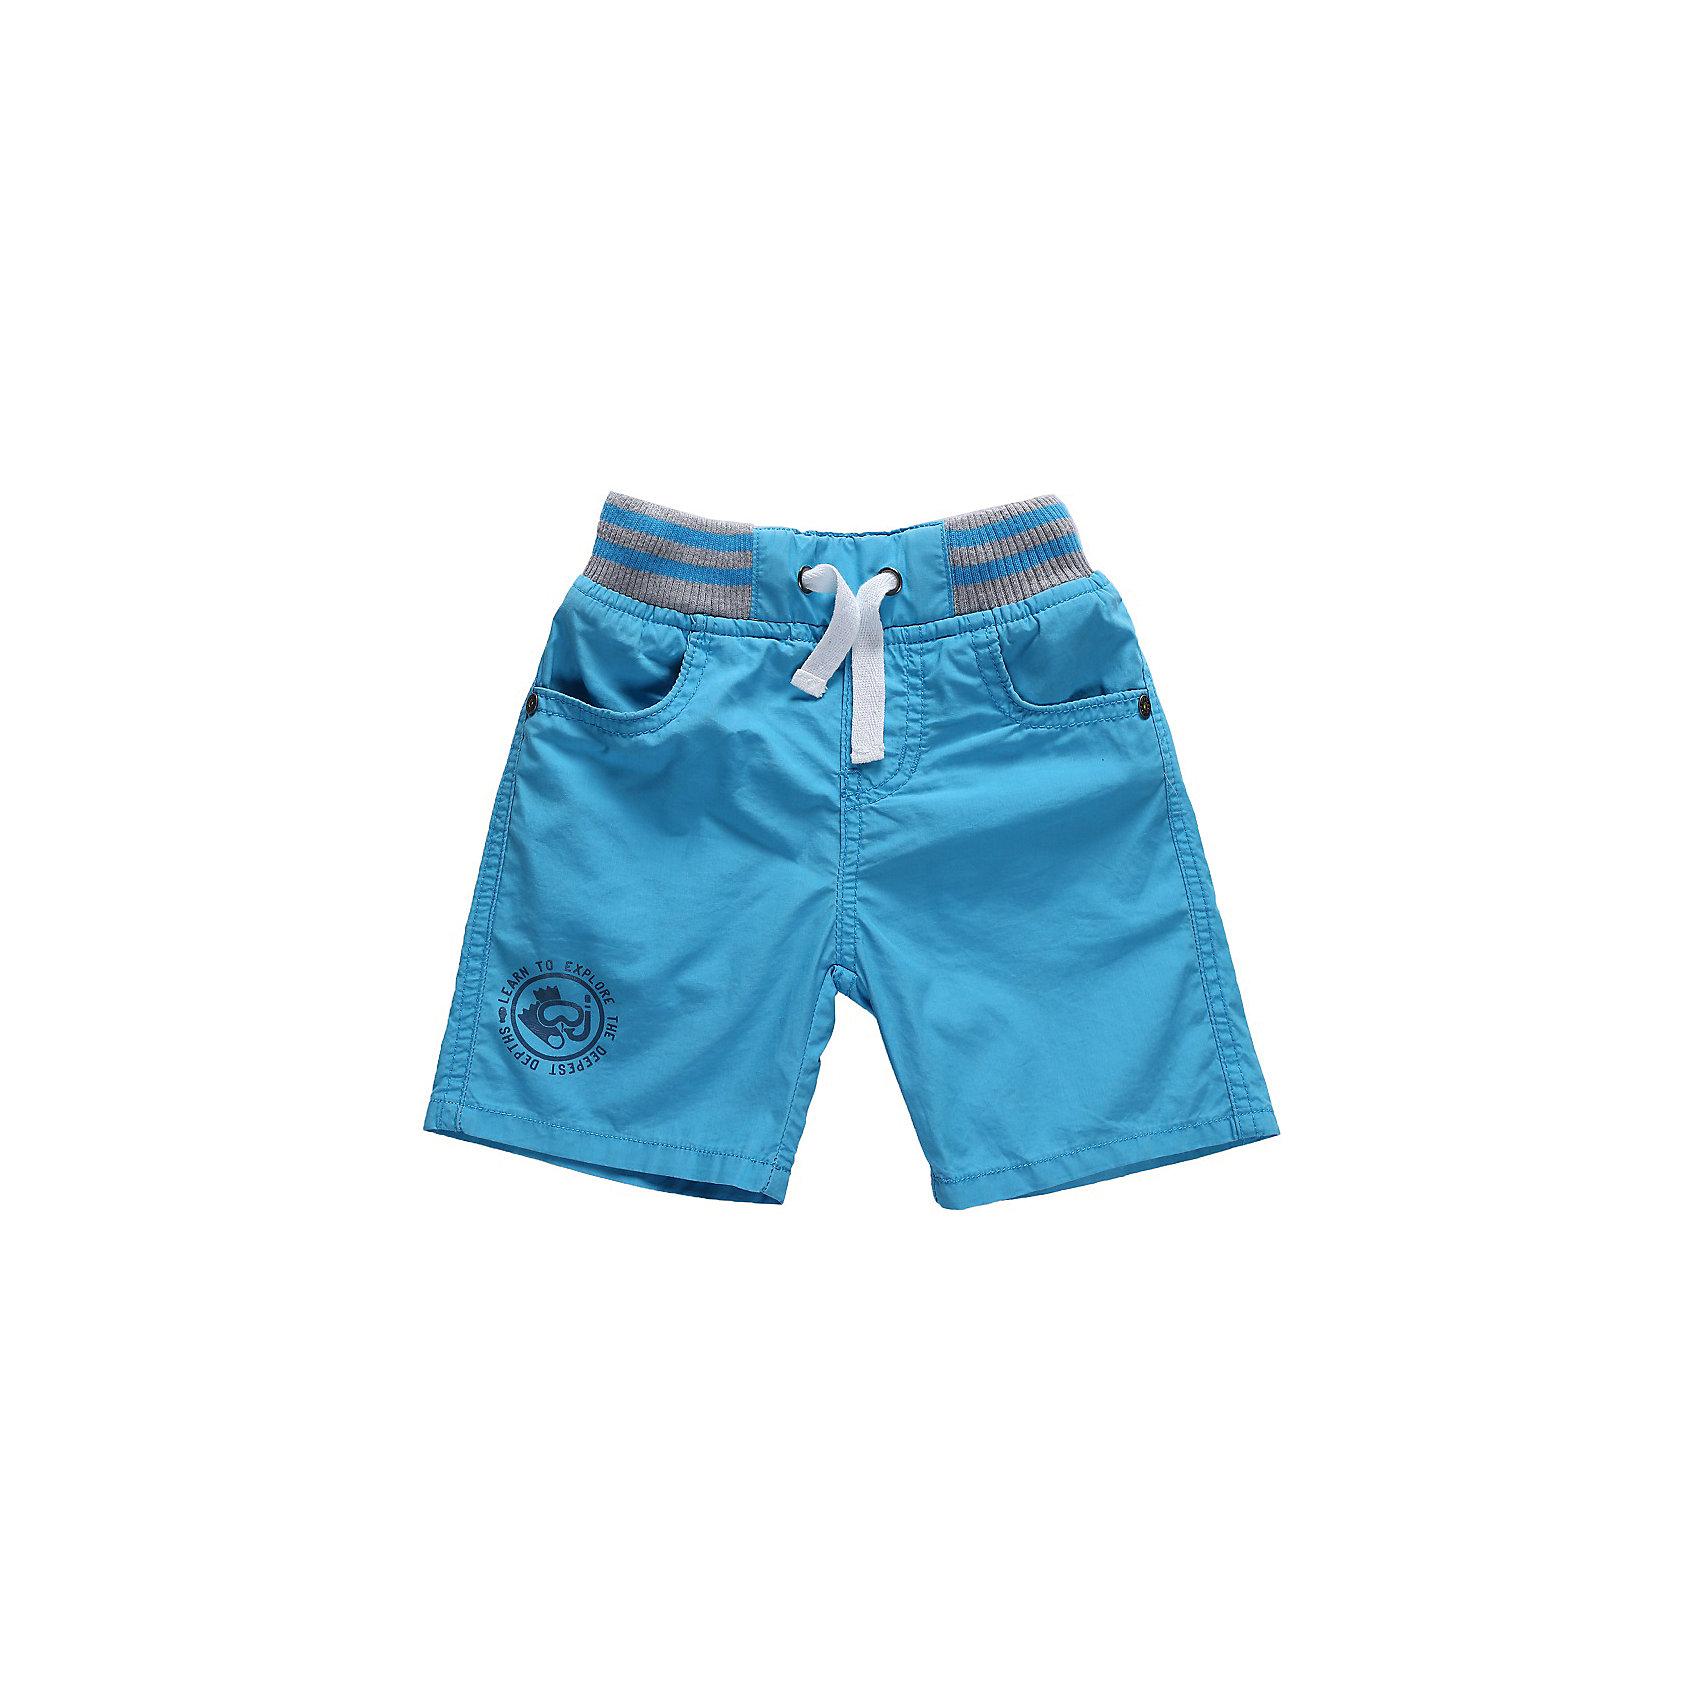 Шорты для мальчика Sweet BerryТекстильные шорты на вязаной резинке, украшенные принтом.<br>Состав:<br>100% хлопок<br><br>Ширина мм: 191<br>Глубина мм: 10<br>Высота мм: 175<br>Вес г: 273<br>Цвет: голубой<br>Возраст от месяцев: 24<br>Возраст до месяцев: 36<br>Пол: Мужской<br>Возраст: Детский<br>Размер: 98,92,80,86<br>SKU: 4522189